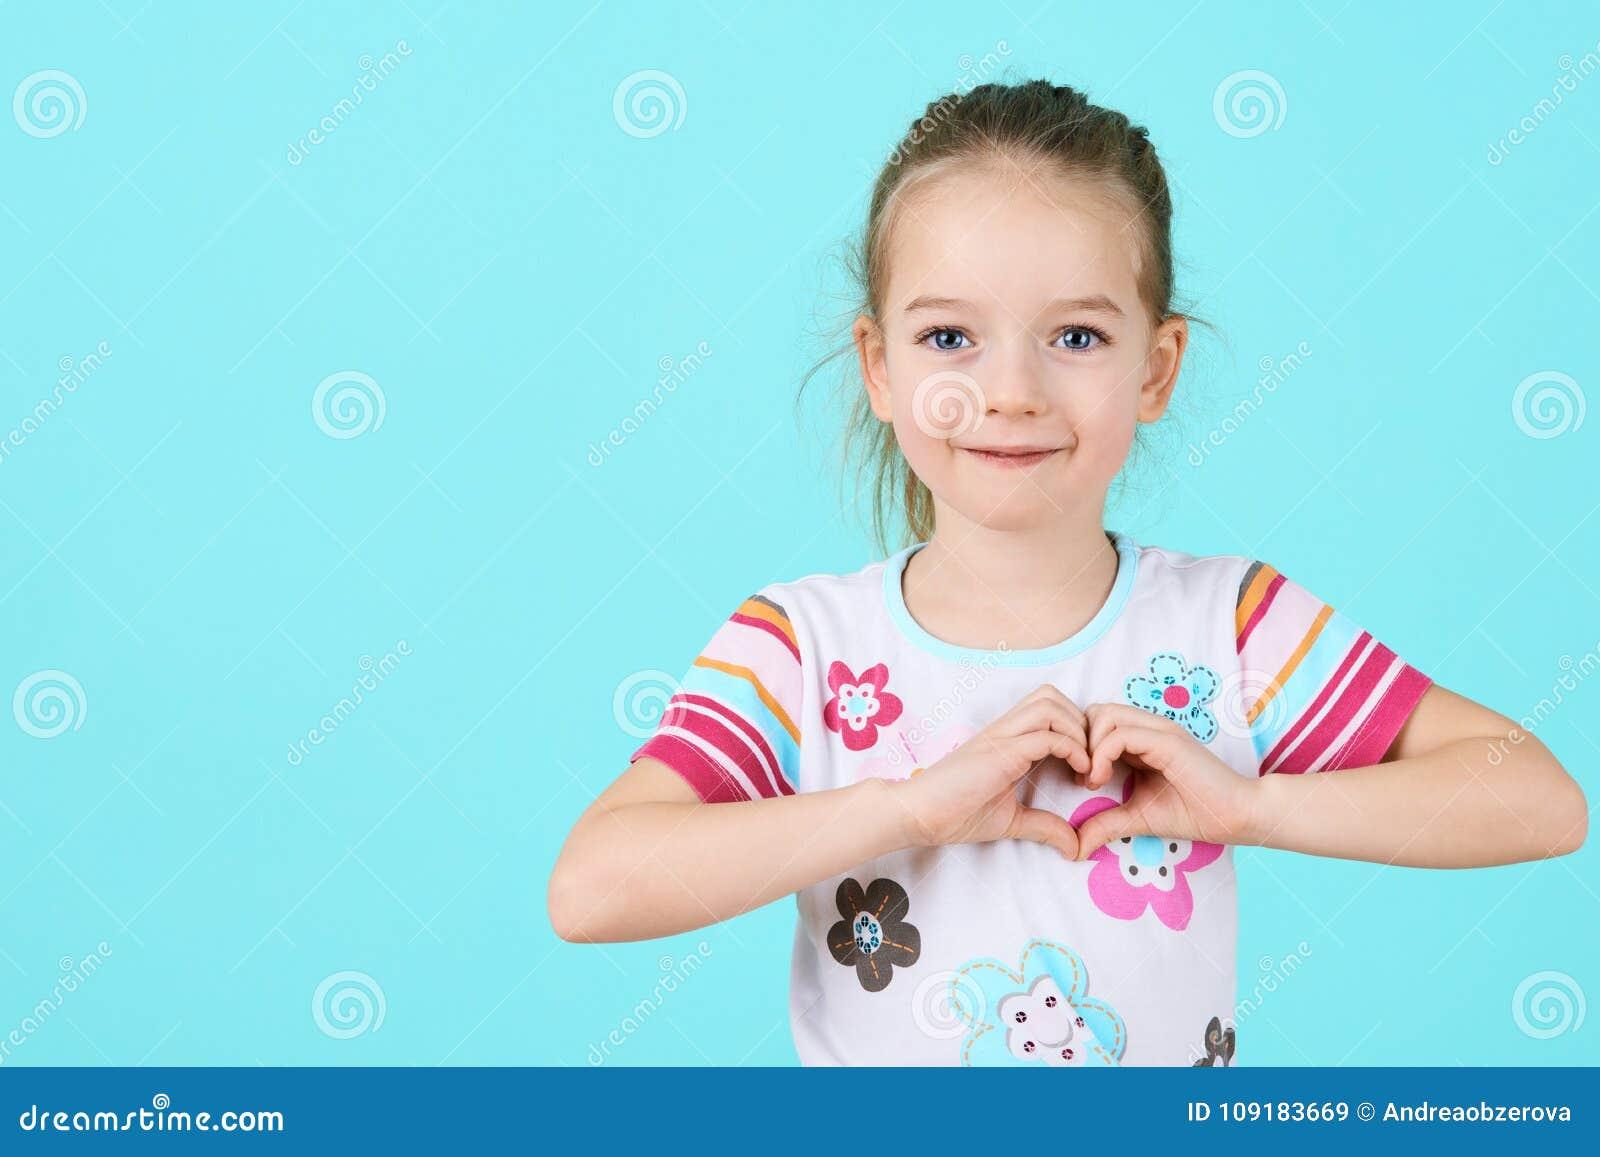 Παιδιά, φιλανθρωπία, υγειονομική περίθαλψη, έννοια υιοθέτησης Χαμογελώντας μικρό κορίτσι που κάνει τη χειρονομία καρδιά-μορφής